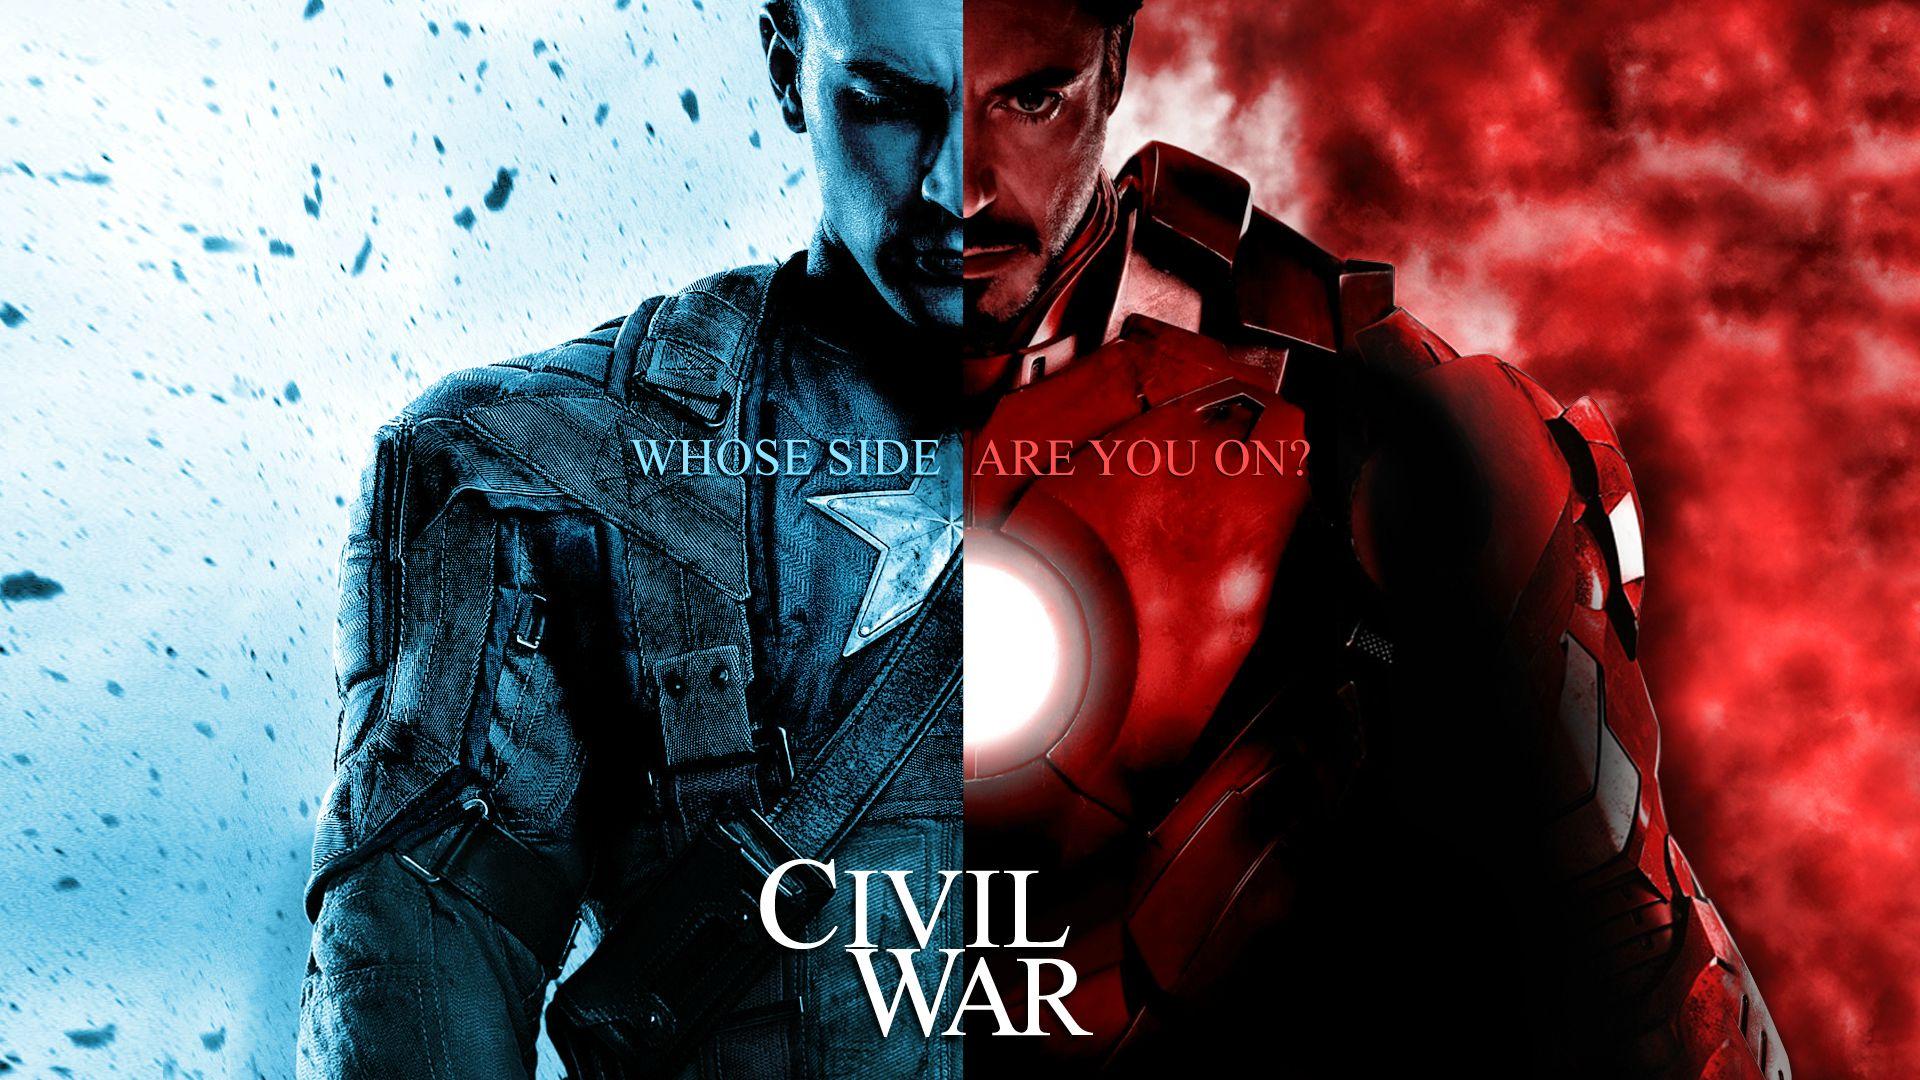 La película llegara a los cines en el 2016